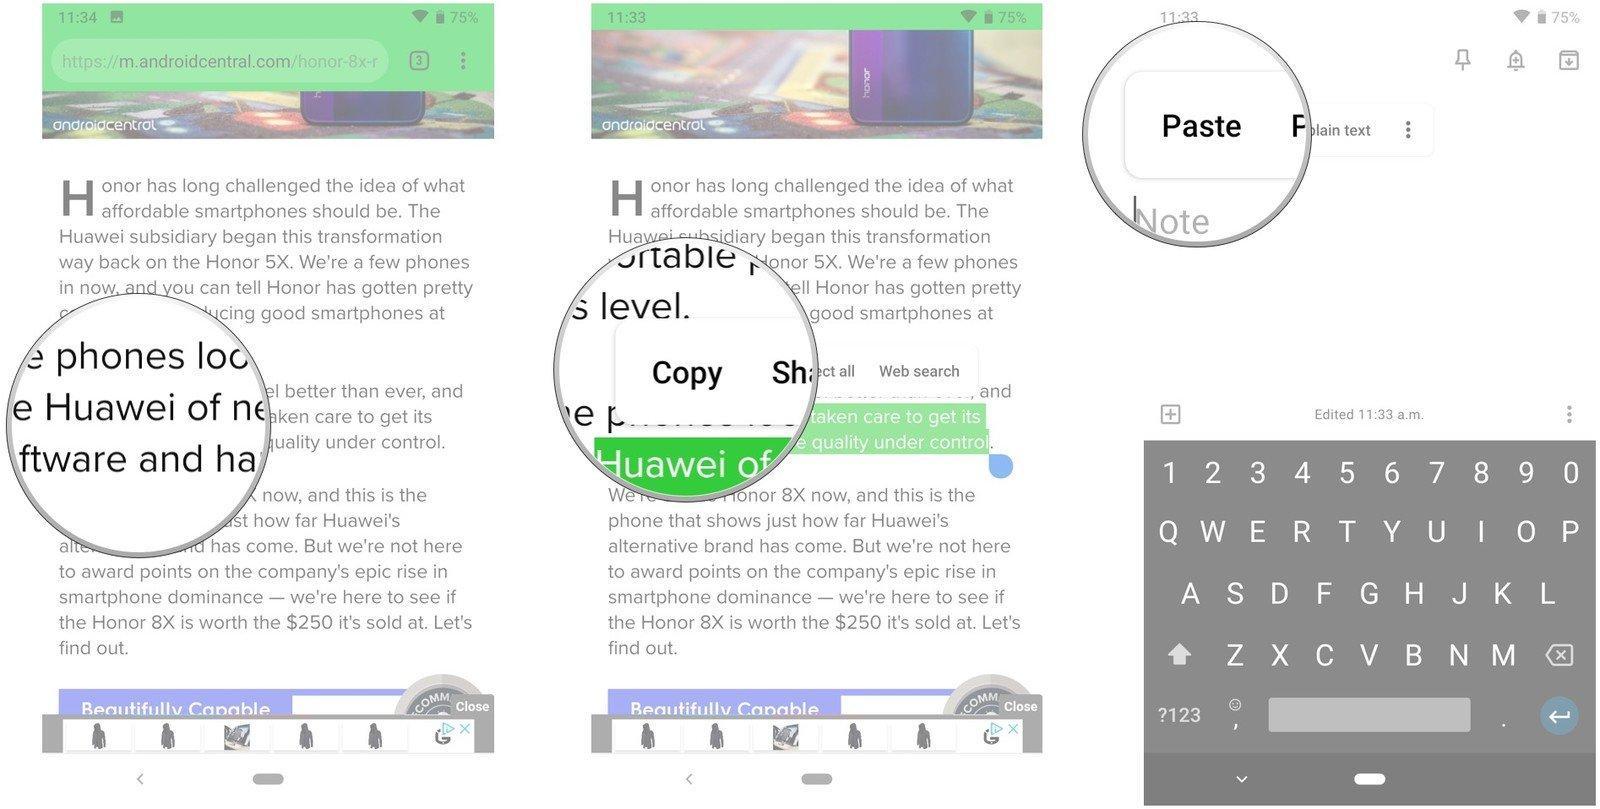 روش استفاده از Copy و Paste در اندروید, استفاده از Copy و Paste در اندروید, کپی پیست کردن متن در گوشی, کپی پیست کردن متن در اندروید, کپی پیست کردن, کپی پیست کردن متن, کپی پیست کردن لینک در اندروید, روش کپی پیست, روشتک,raveshtech, آموزش فناوری, آموزش تکنولوژی, آموزش اندروید